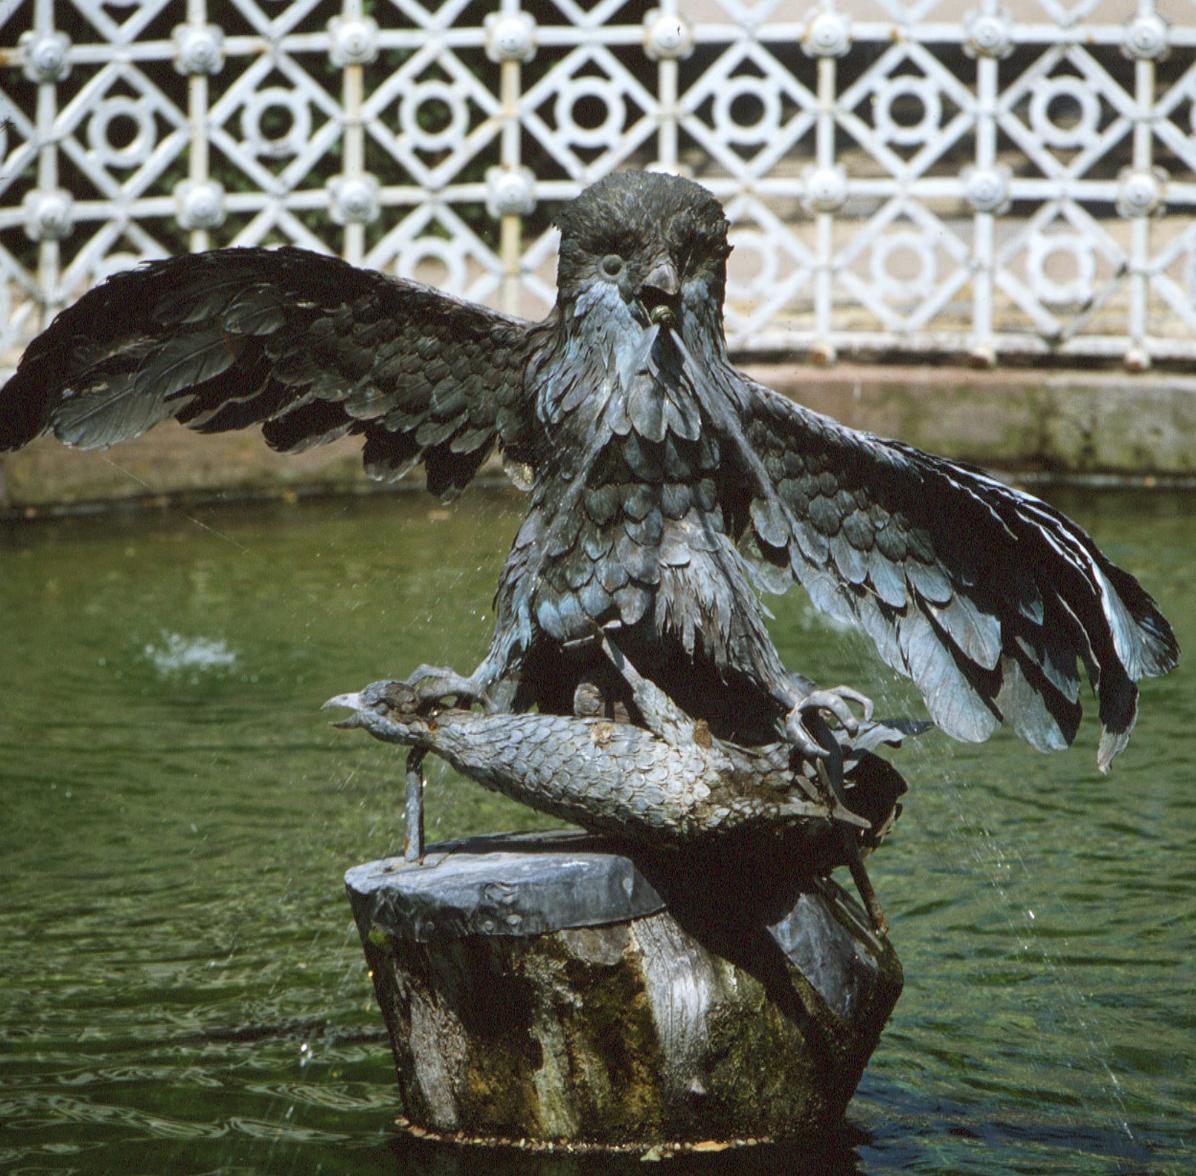 Skulptur eines räuberischen Uhus im Schlossgarten von Schloss Schwetzingen; Foto: Landesmedienzentrum Baden-Württemberg, Lutz Hecker